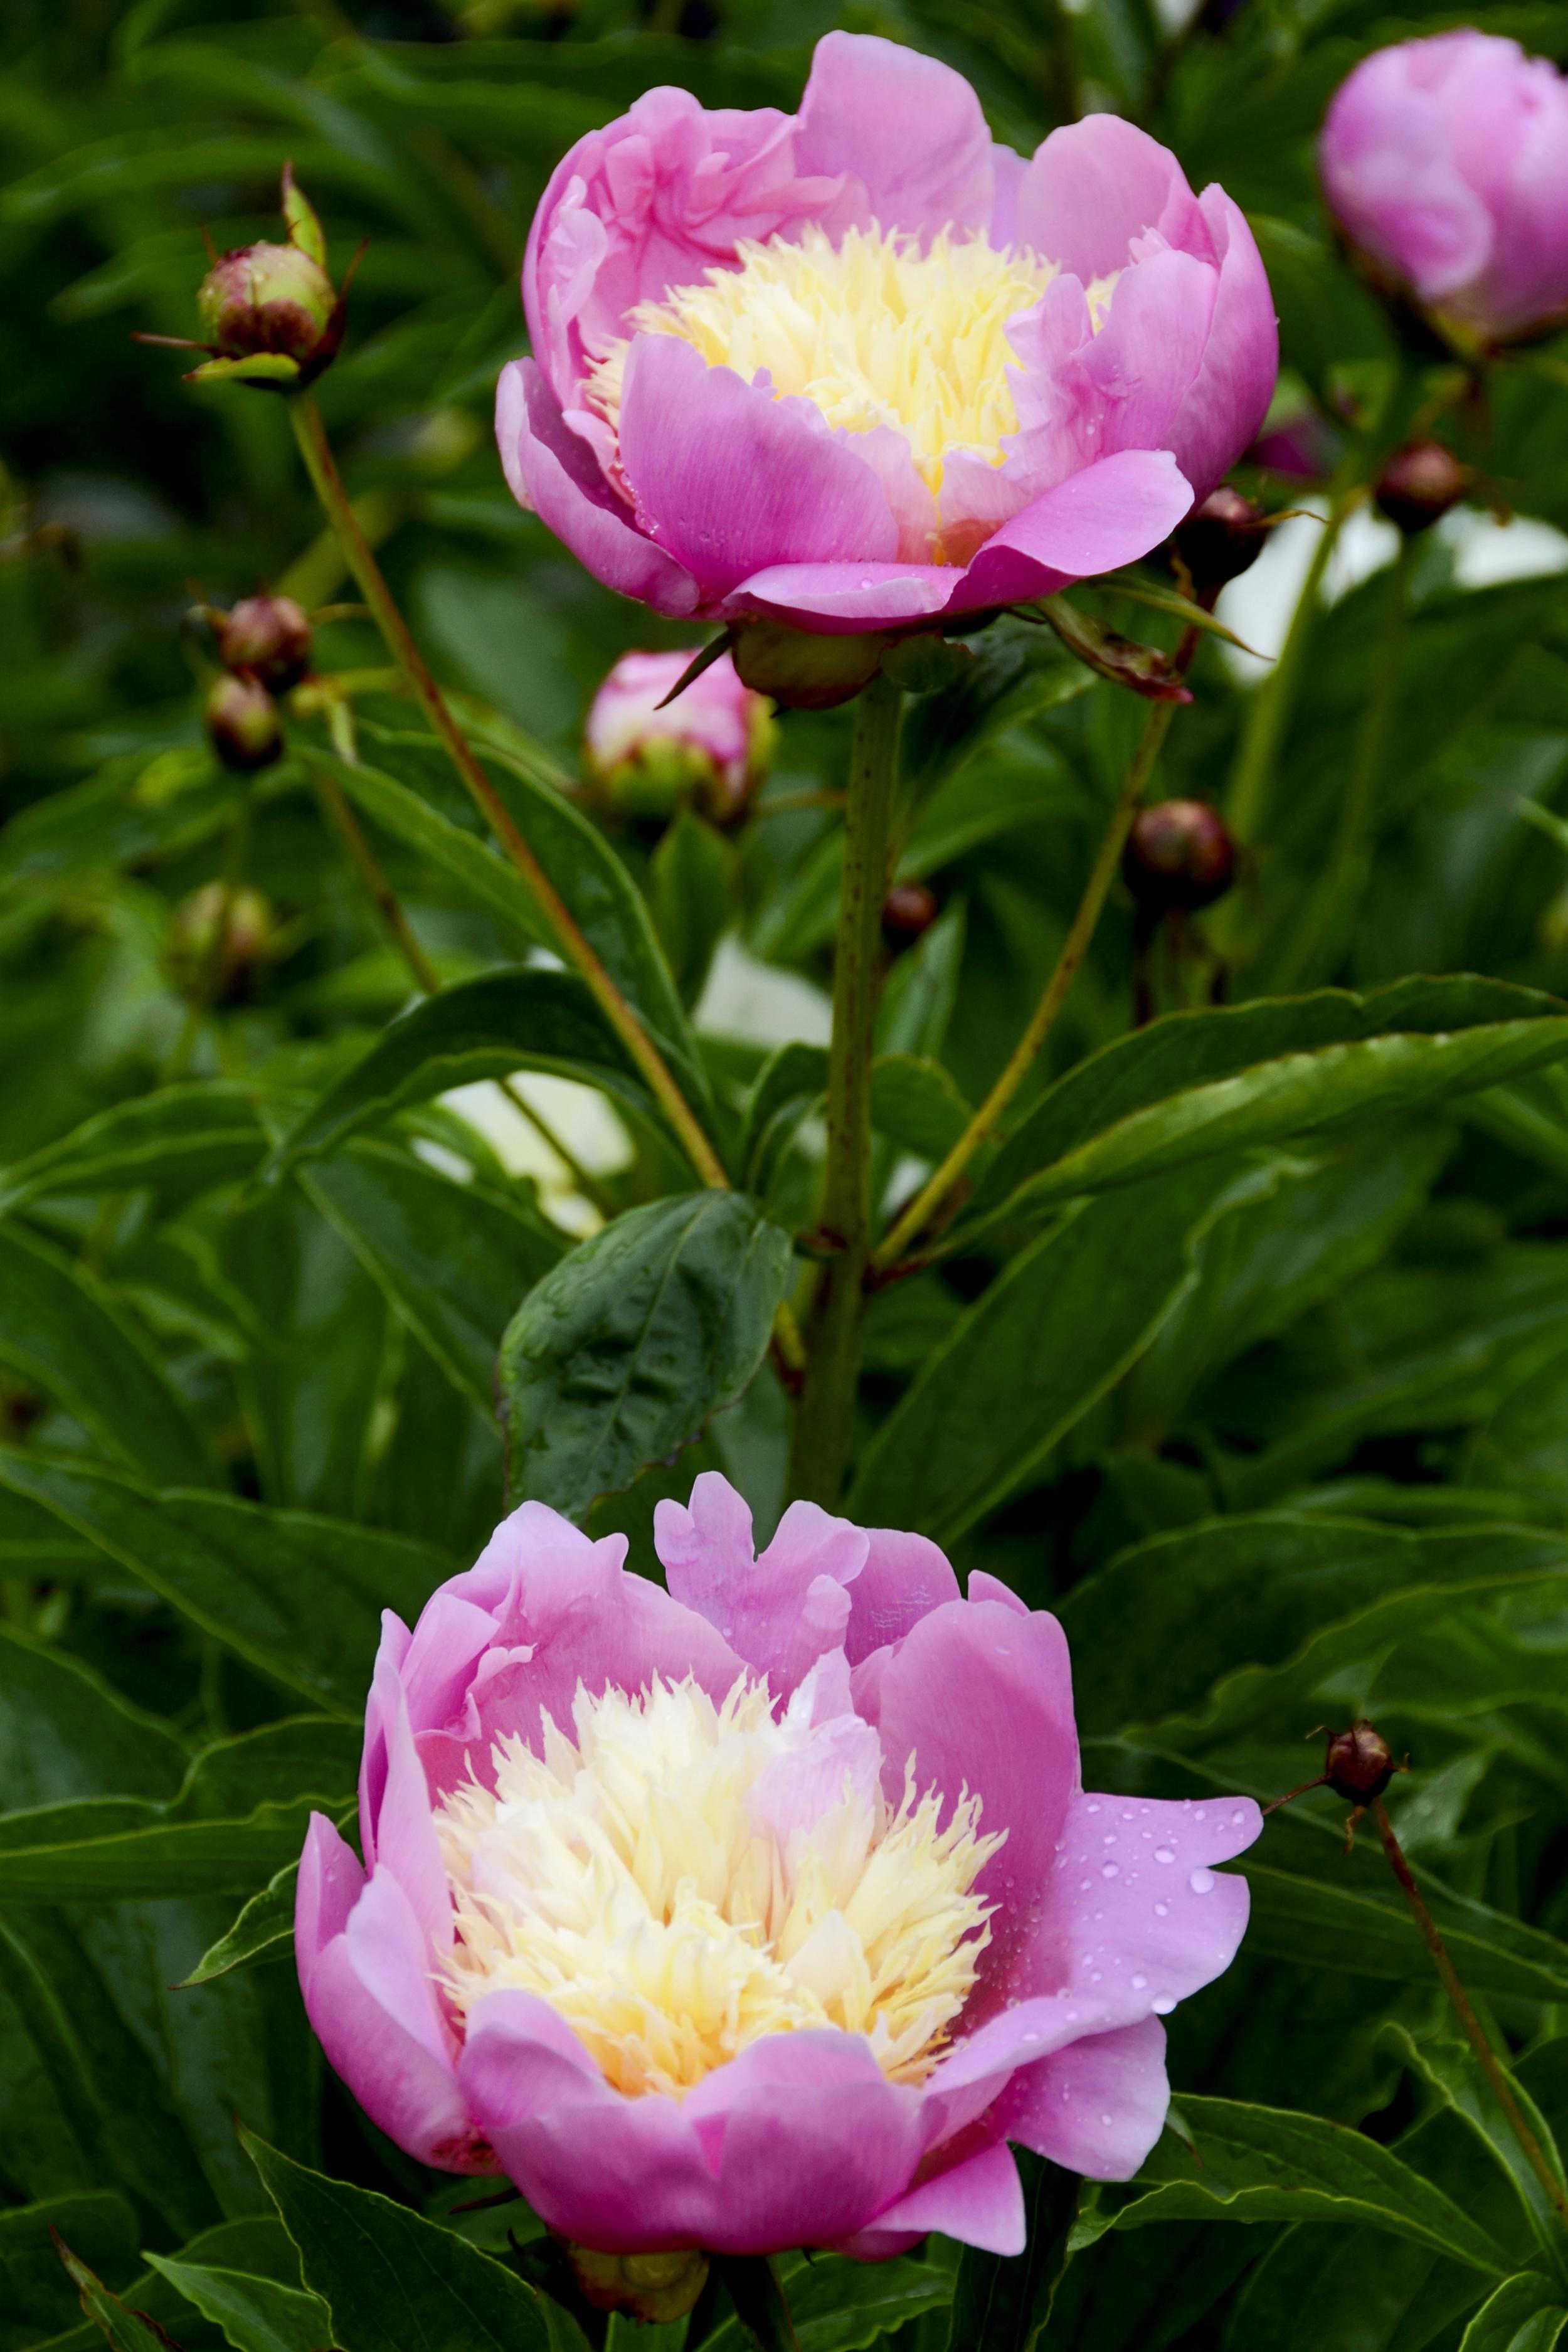 NE_Flowers_005.jpg